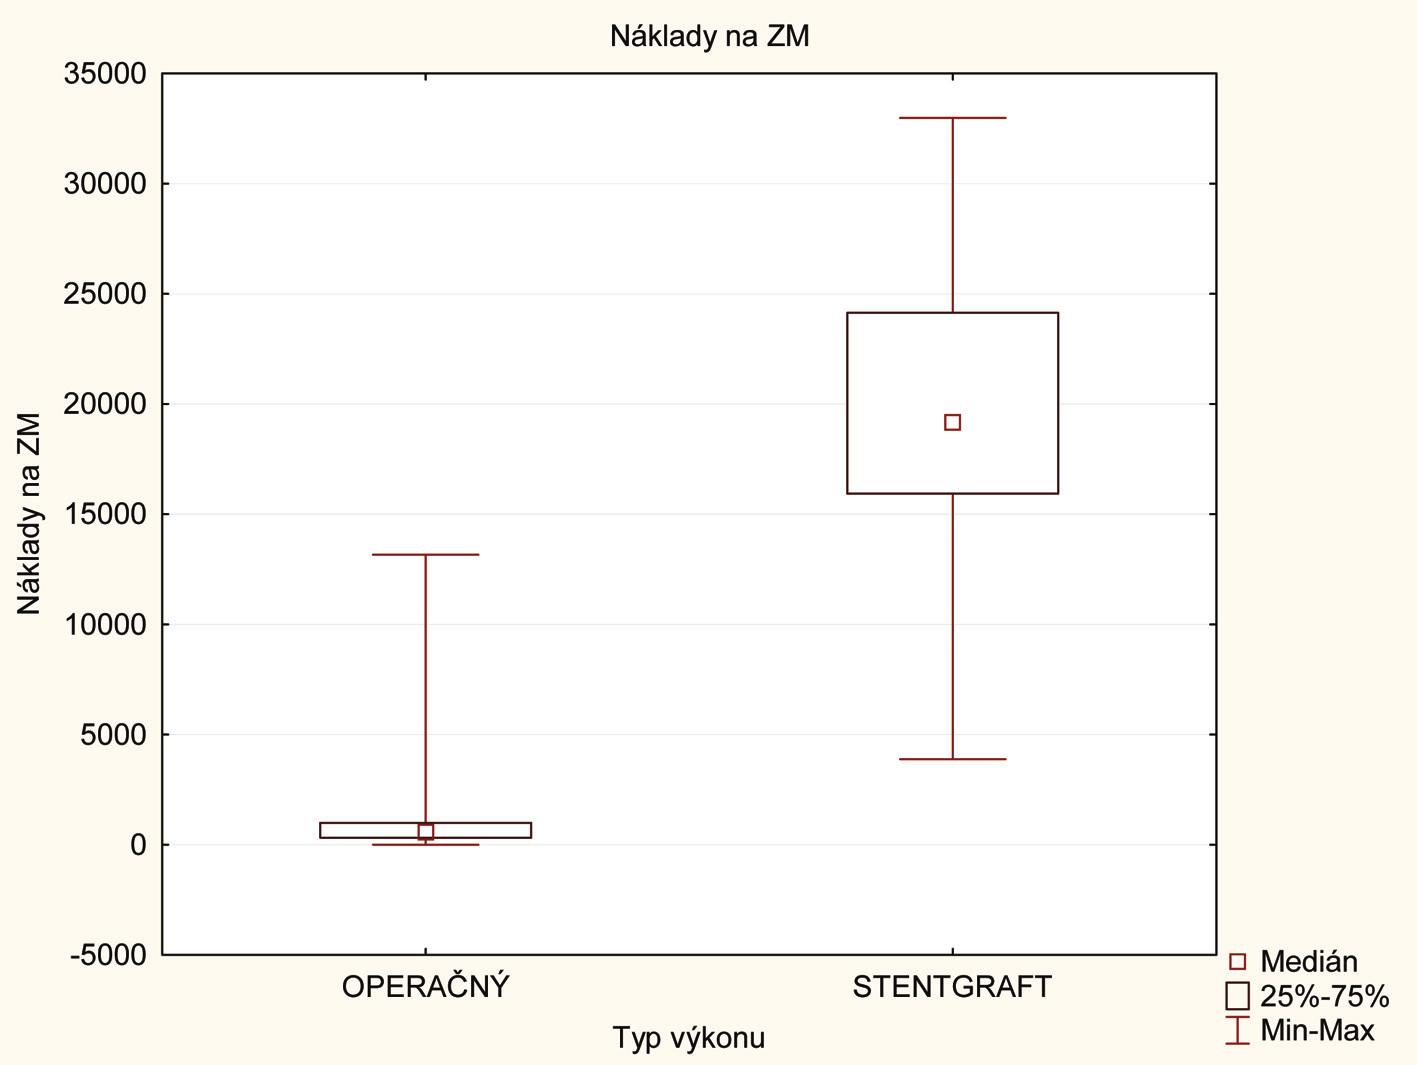 Krabicový graf porovnania nákladov na krv a deriváty so znázornením mediánu, kvartilov (25–75%) a variačného rozpätia Graph 6: Box plots comparing the cost of blood and derivatives, showing median, quartiles (25–75%) and variation margin